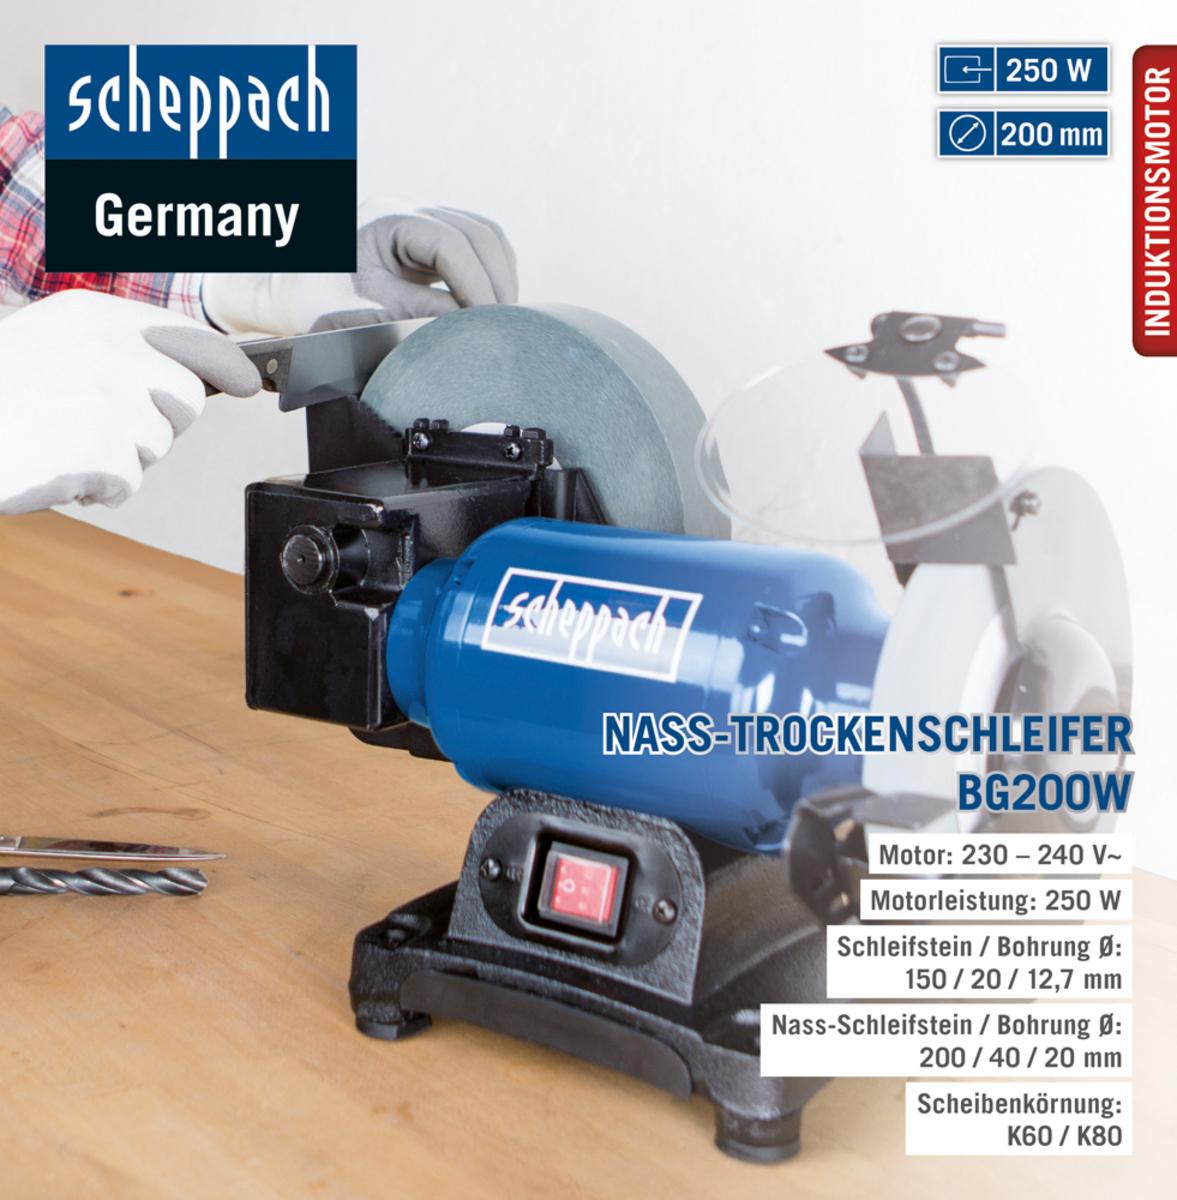 Bild 1 von Scheppach Schleifmaschine BG200W 250W 230V50Hz